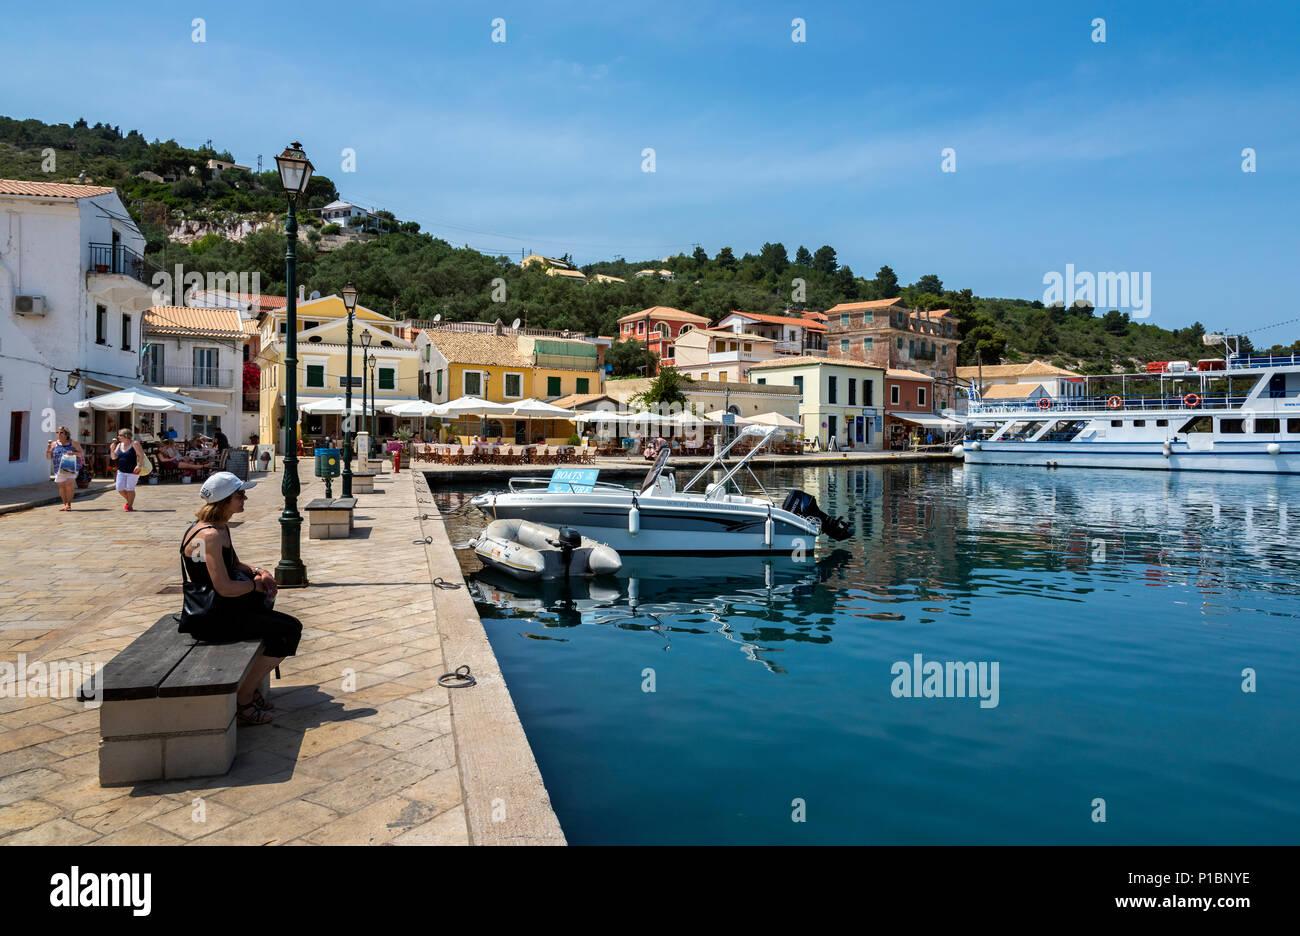 Gaios Harbour, Paxos. - Stock Image